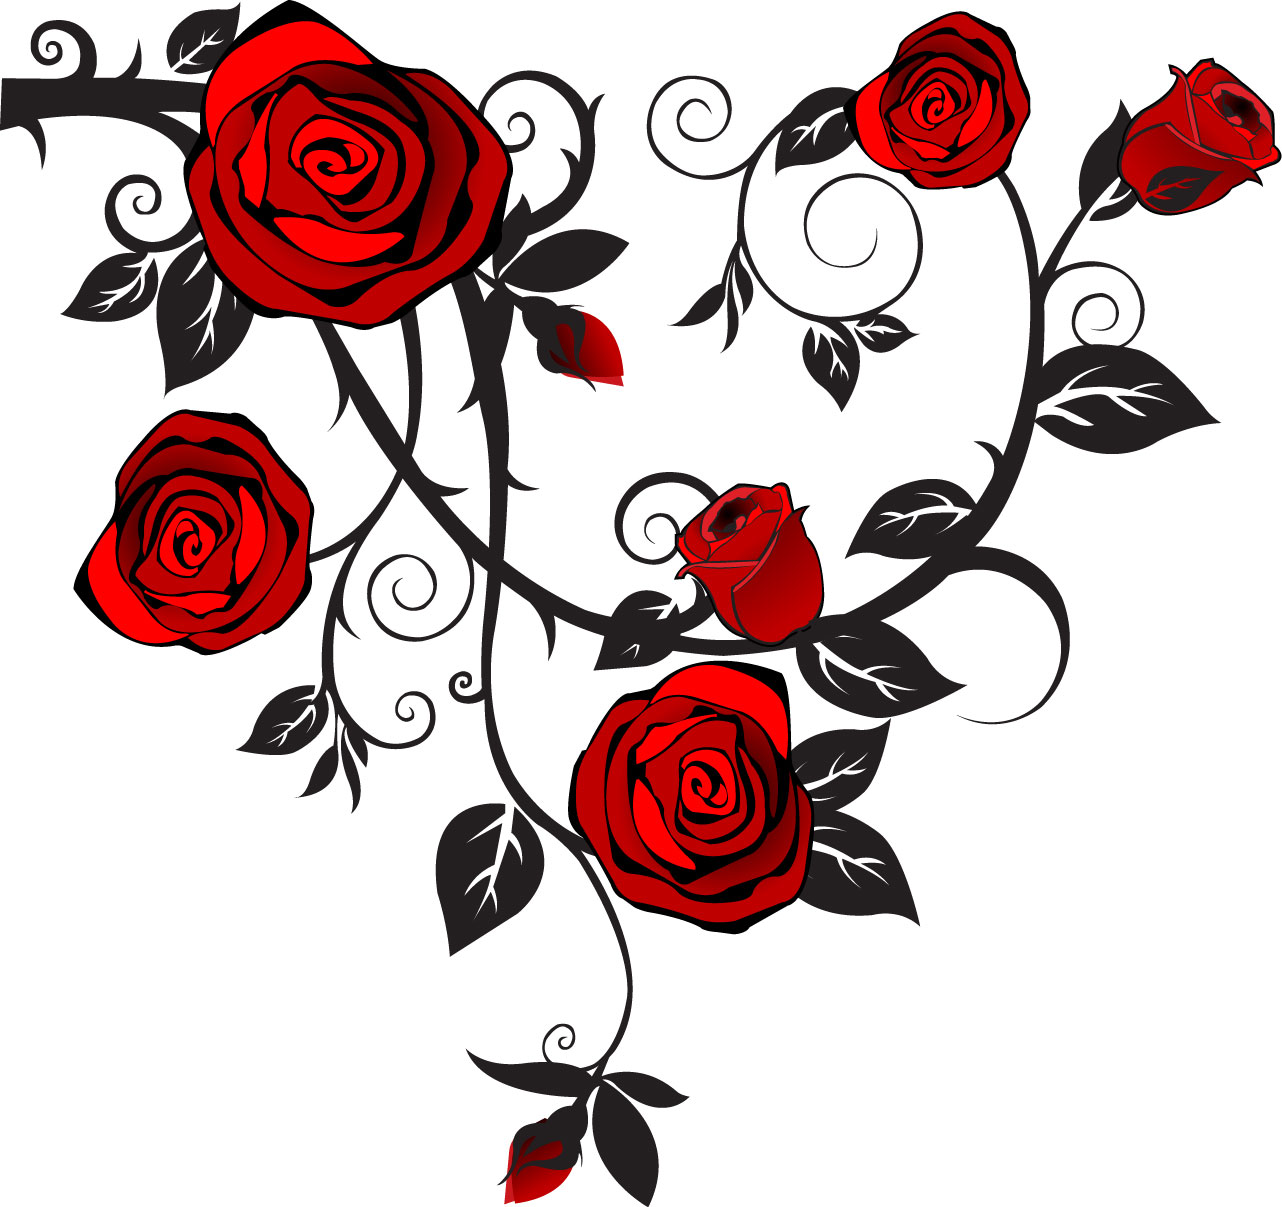 1282x1207 Rose Image